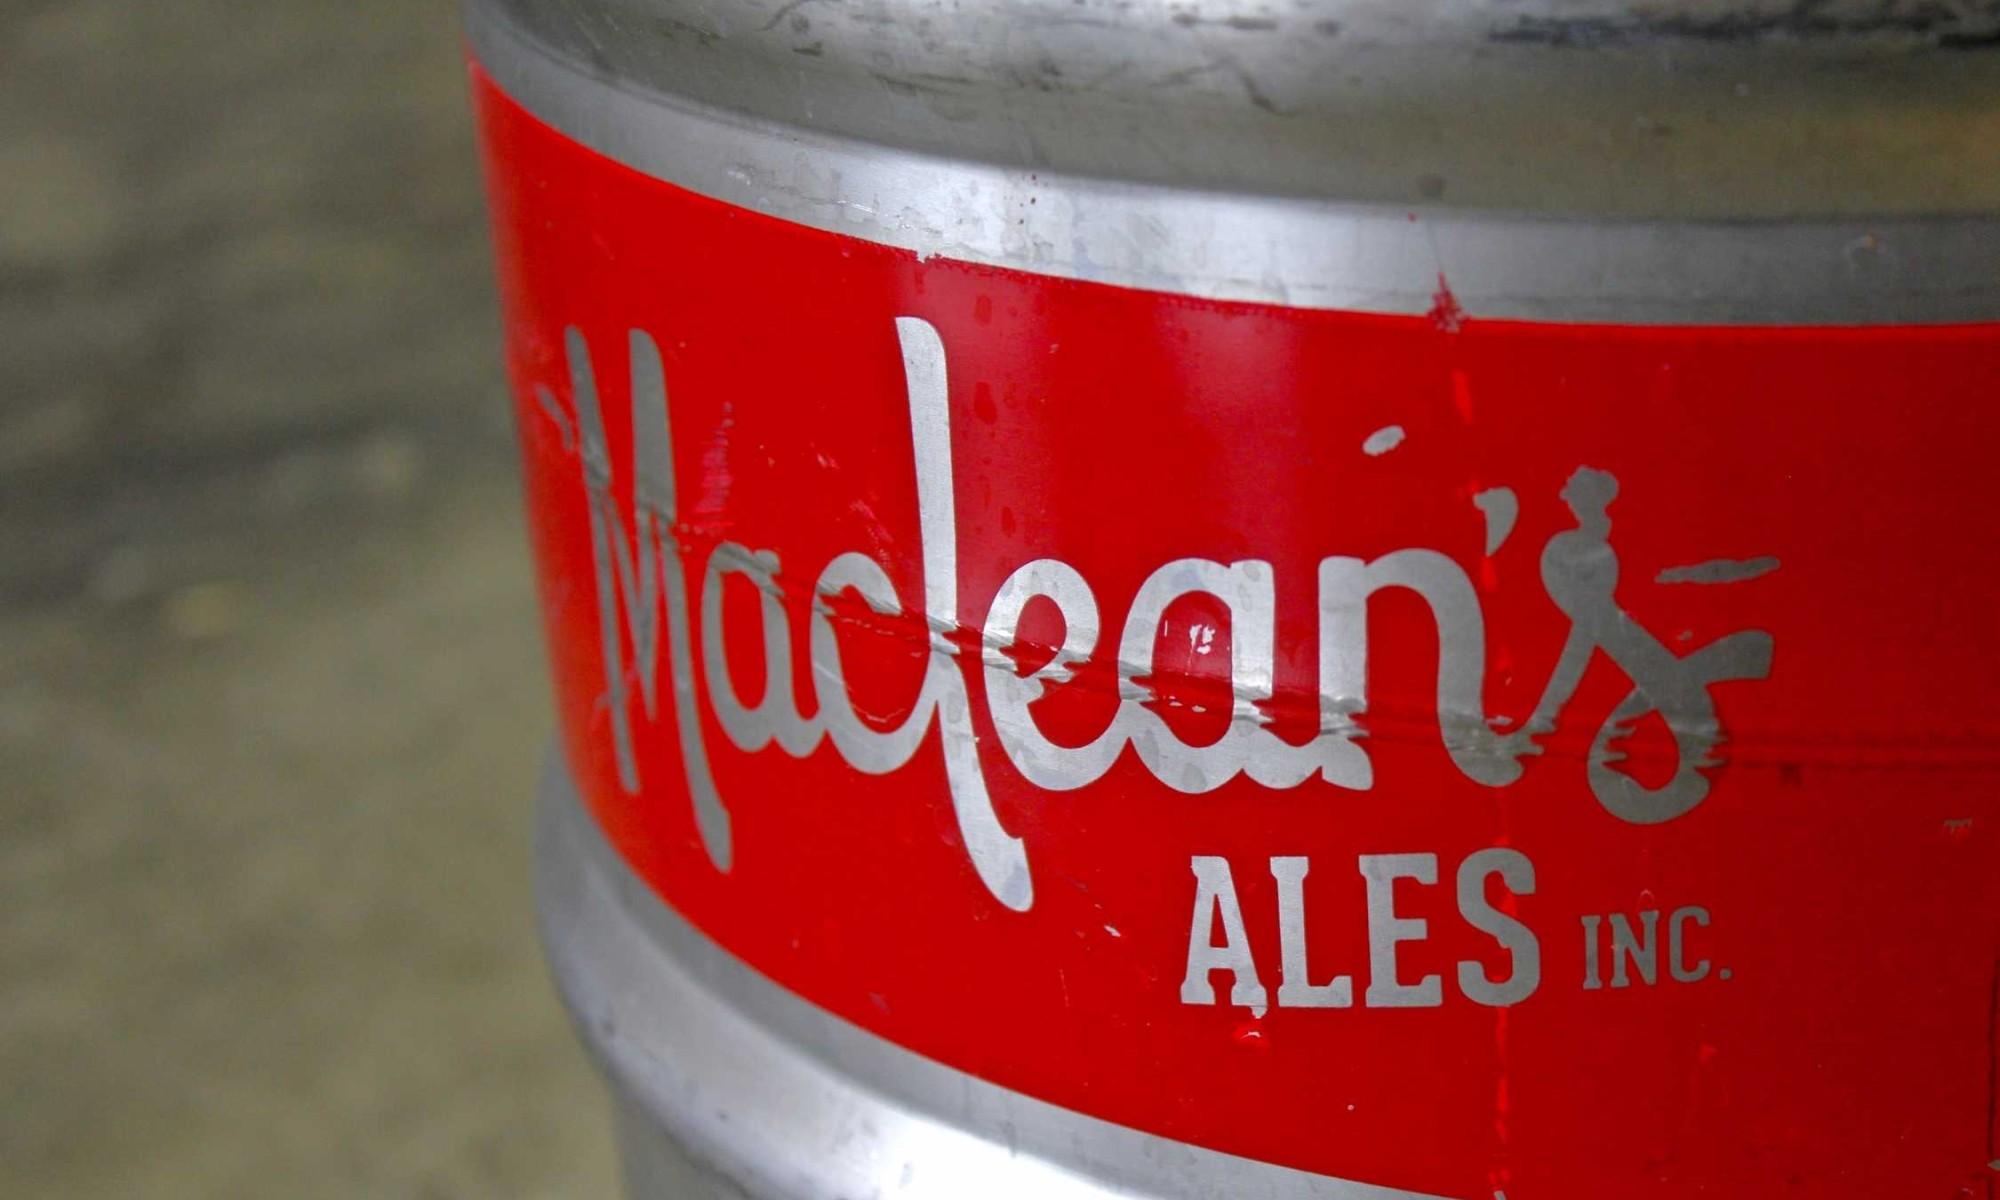 Maclean's Ales keg